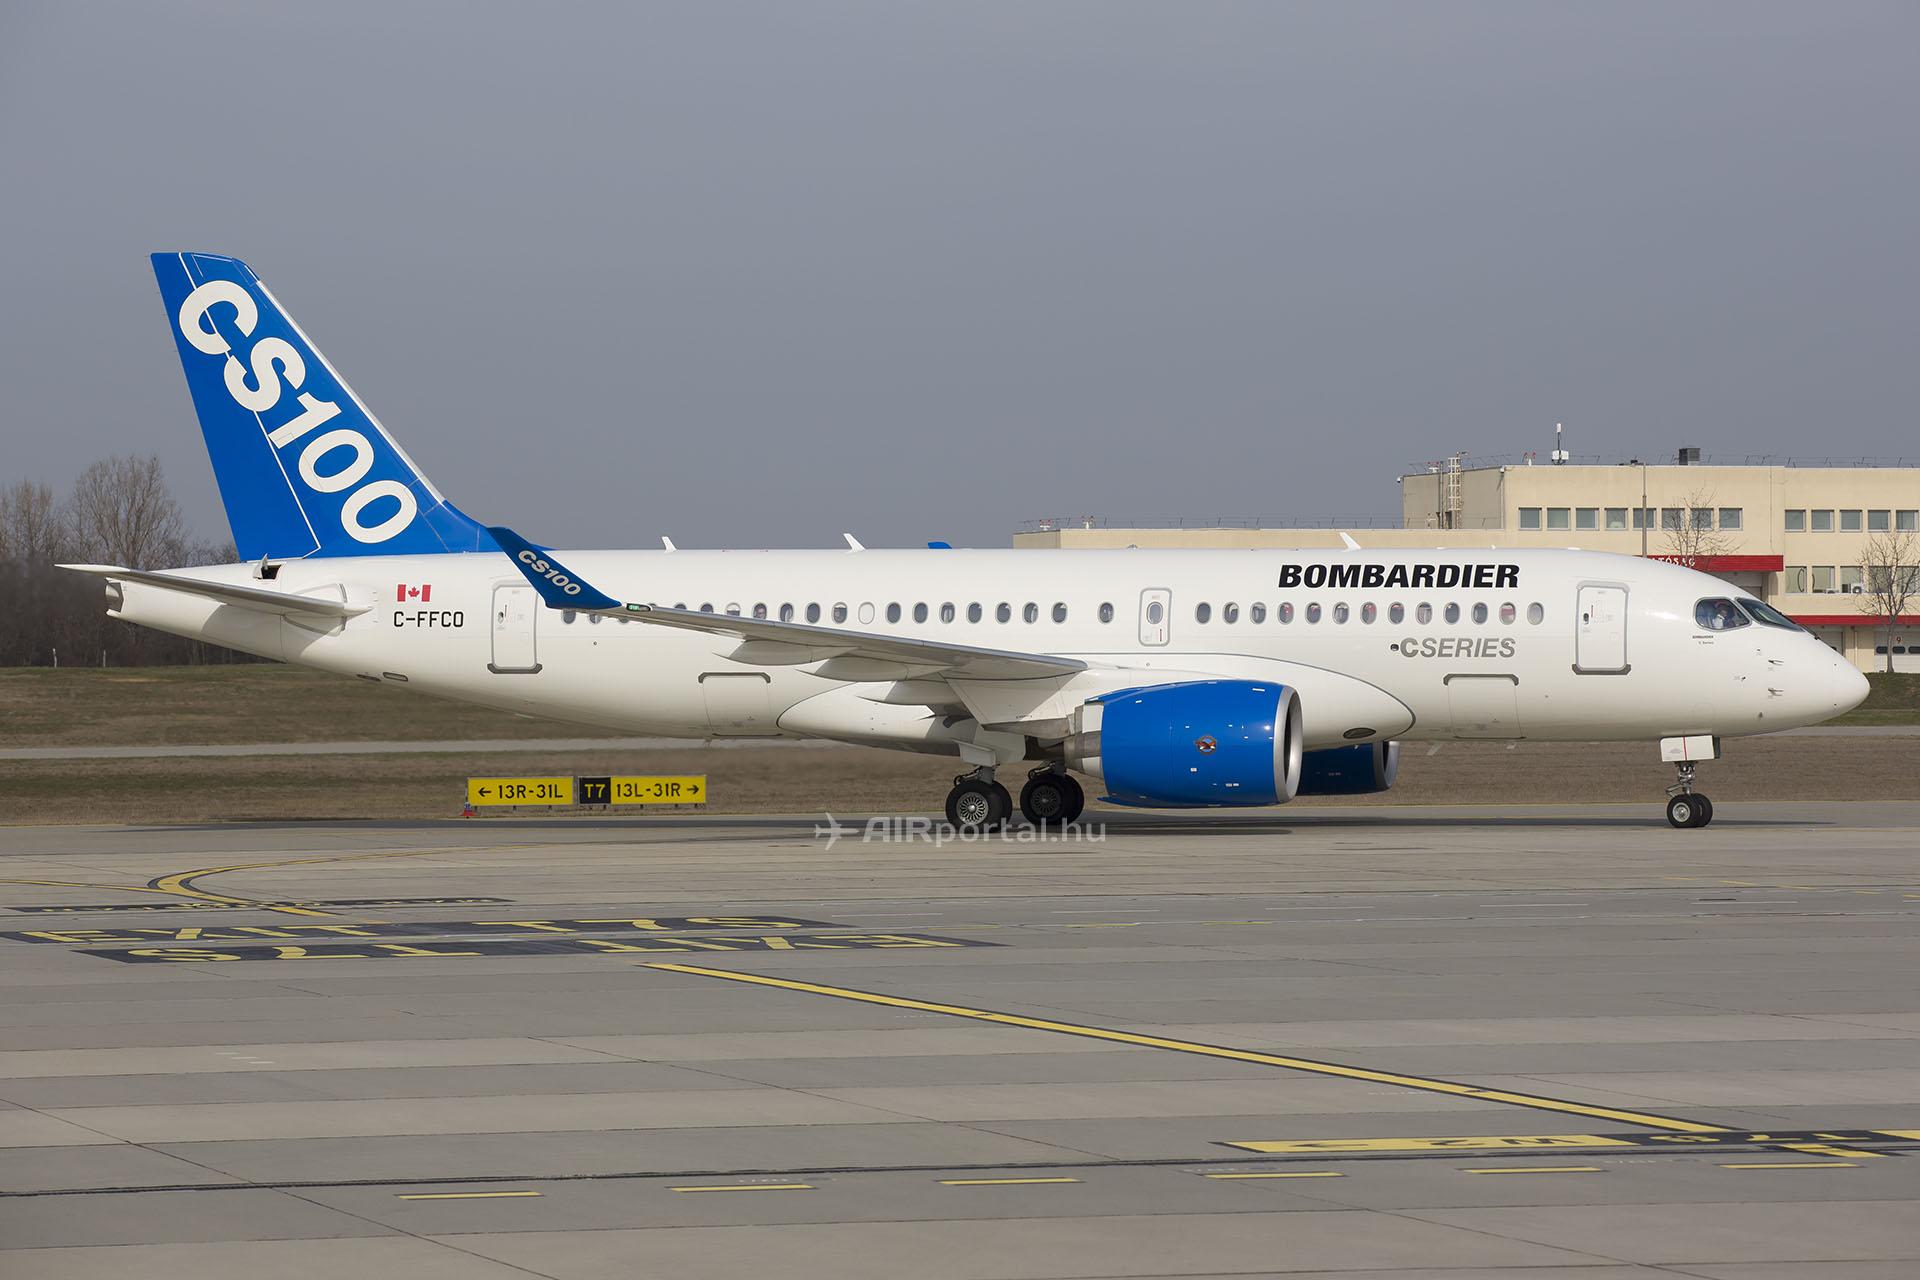 A Bombardier CS100-as március 10-én szállt le először Ferihegyen, akkor a Bombardier szakemberei útvonal-tesztelési program keretében jártak a ferihegyi repülőtéren. (Fotó: AIRportal.hu) | © AIRportal.hu